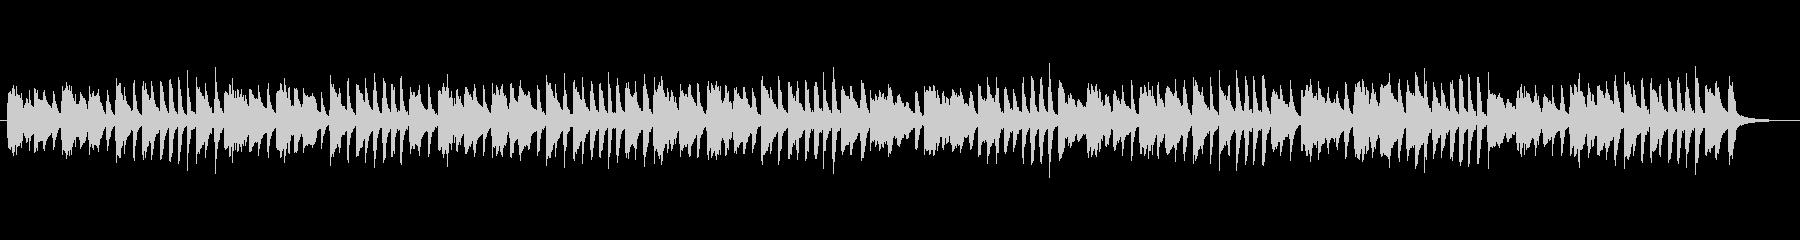 ピアノ練習曲、チェルニーNo.6の未再生の波形